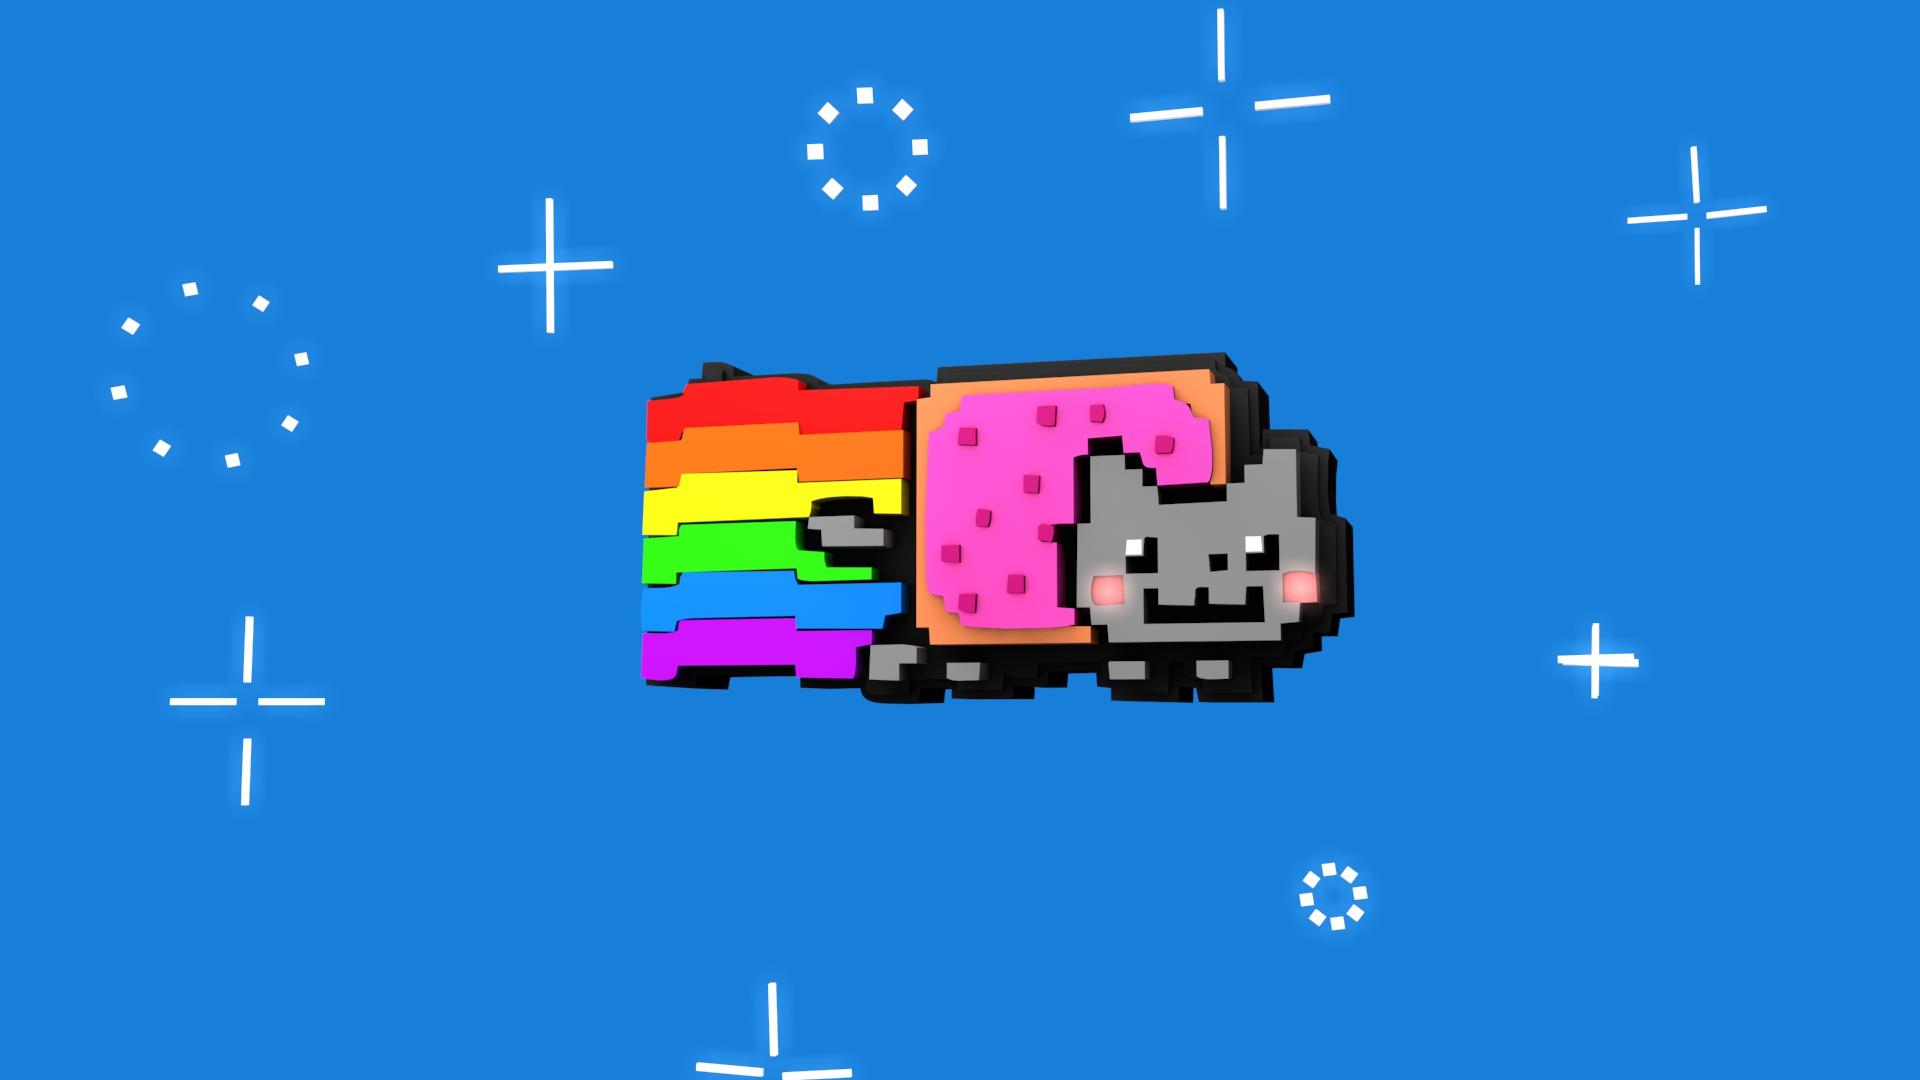 nyan cat live wallpaper download